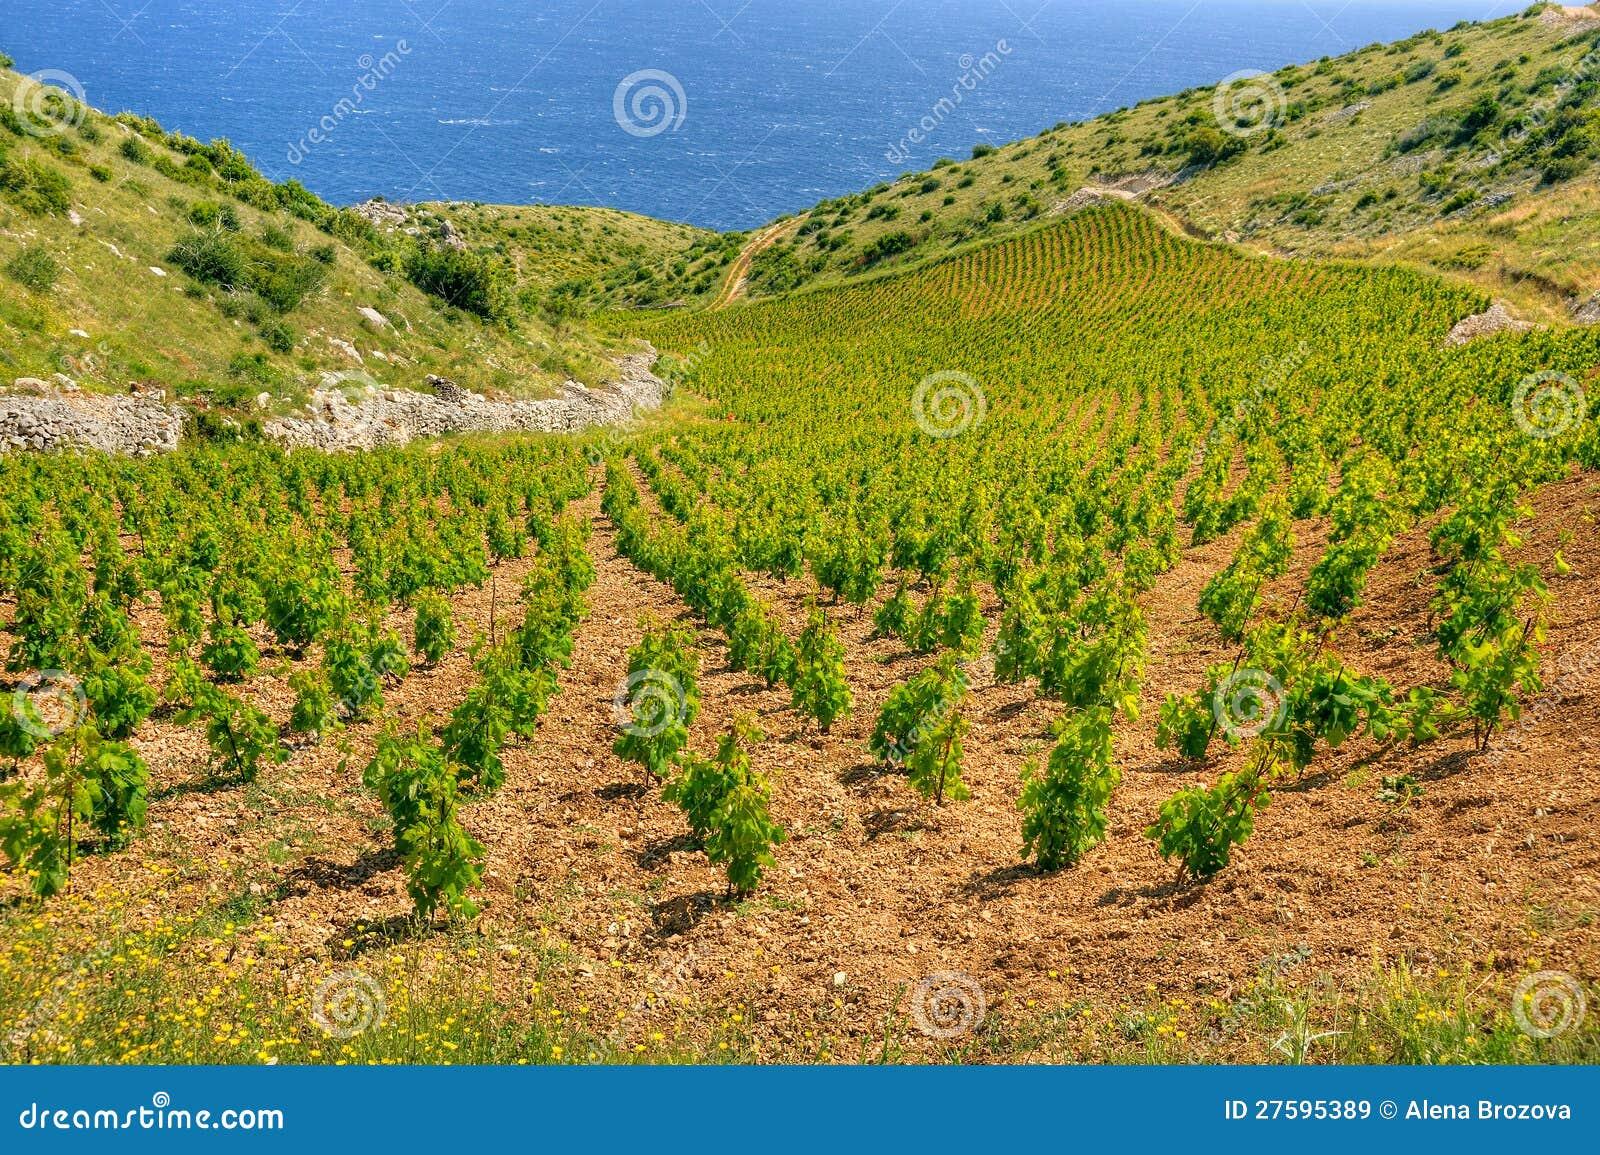 Viñedos, costa meridional de la isla de Hvar, al oeste de